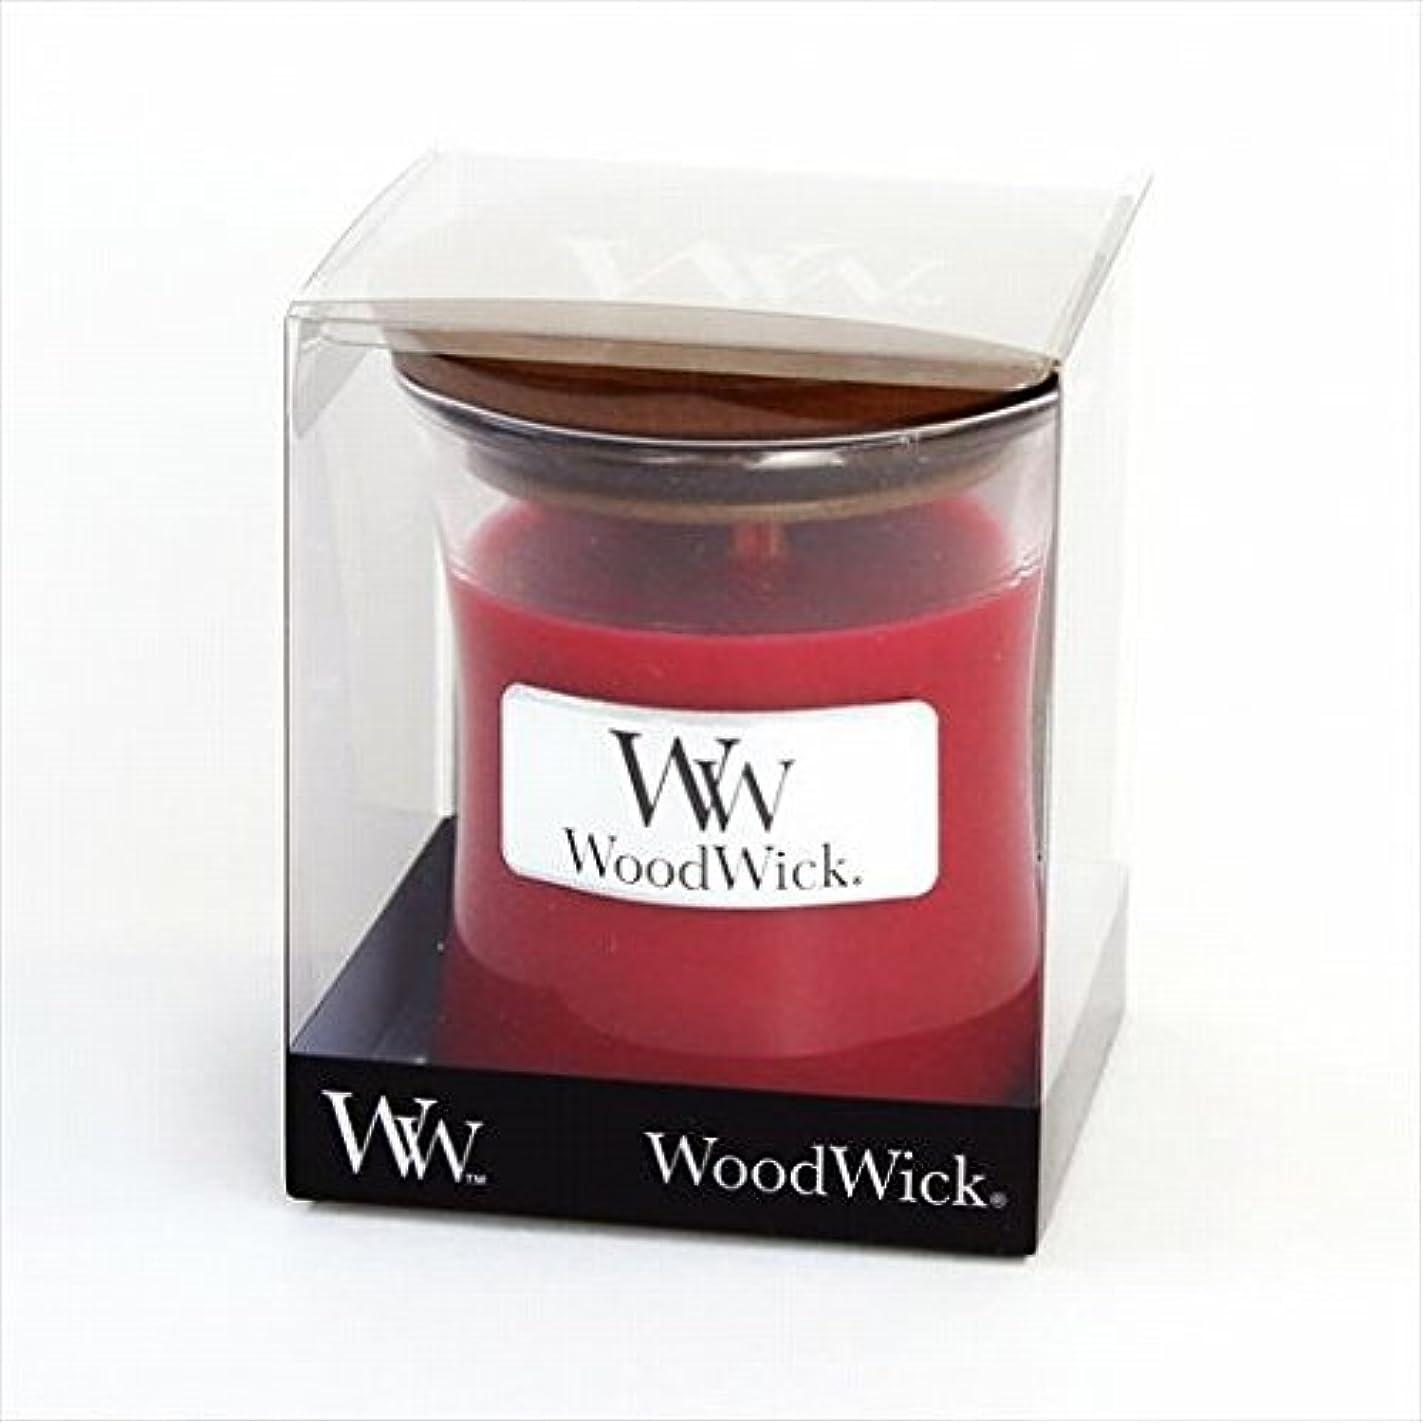 悲観主義者ストライド思い出させるカメヤマキャンドル( kameyama candle ) Wood Wick ジャーS 「 カラント 」